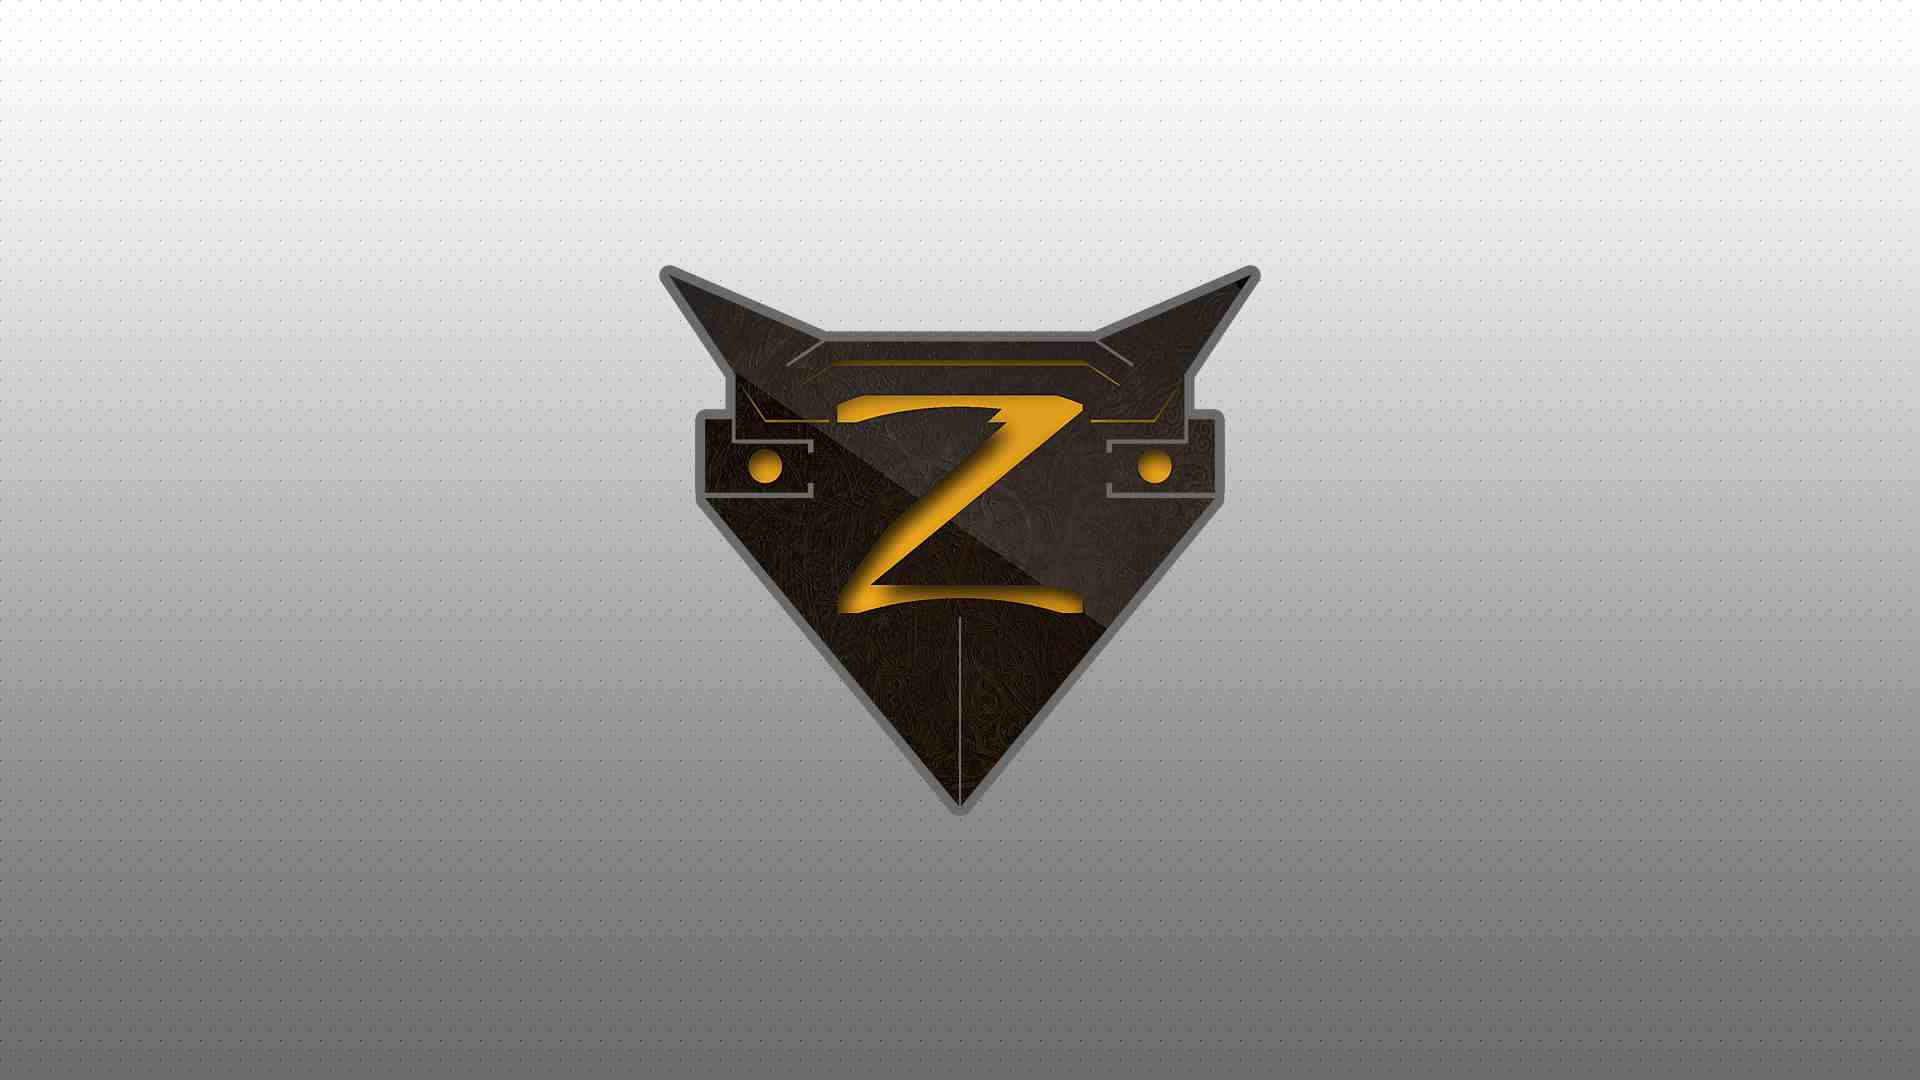 Zierra Games